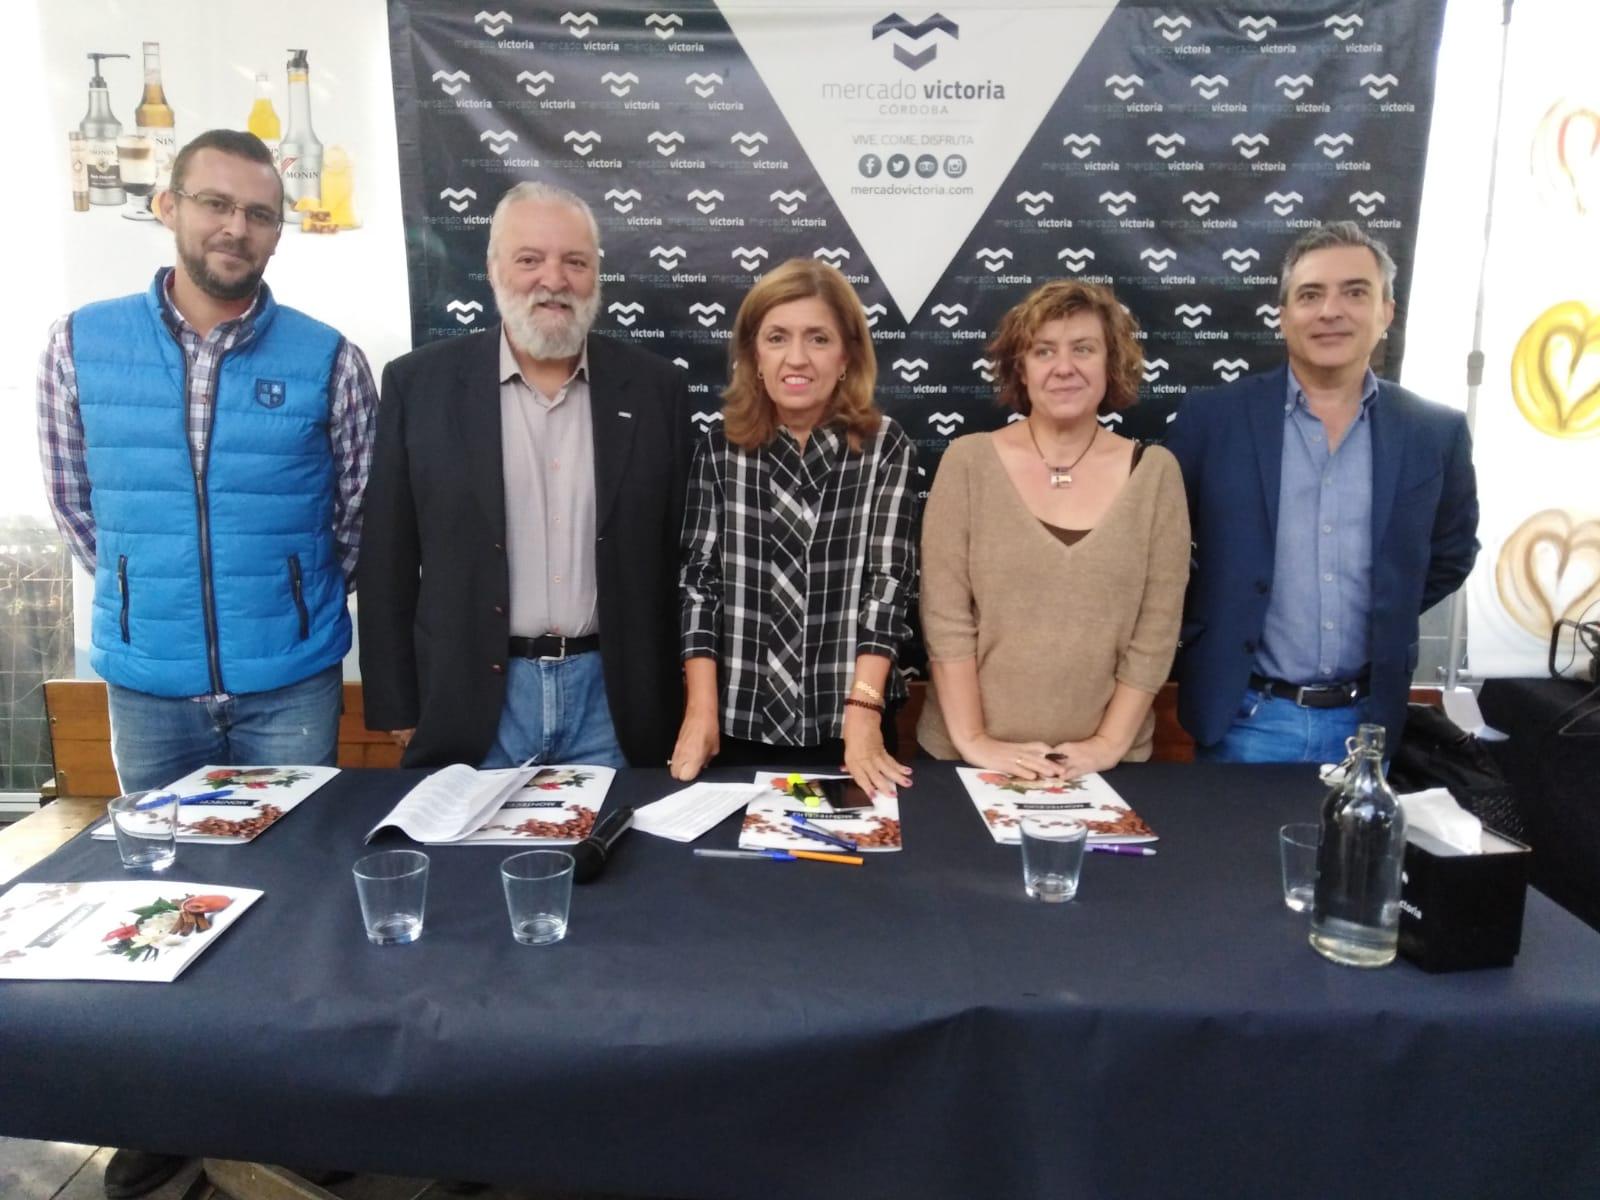 VI-Campeonato-Barista-Down-9 El Mercado Victoria acoge la celebración del VI Campeonato Barista Down Córdoba